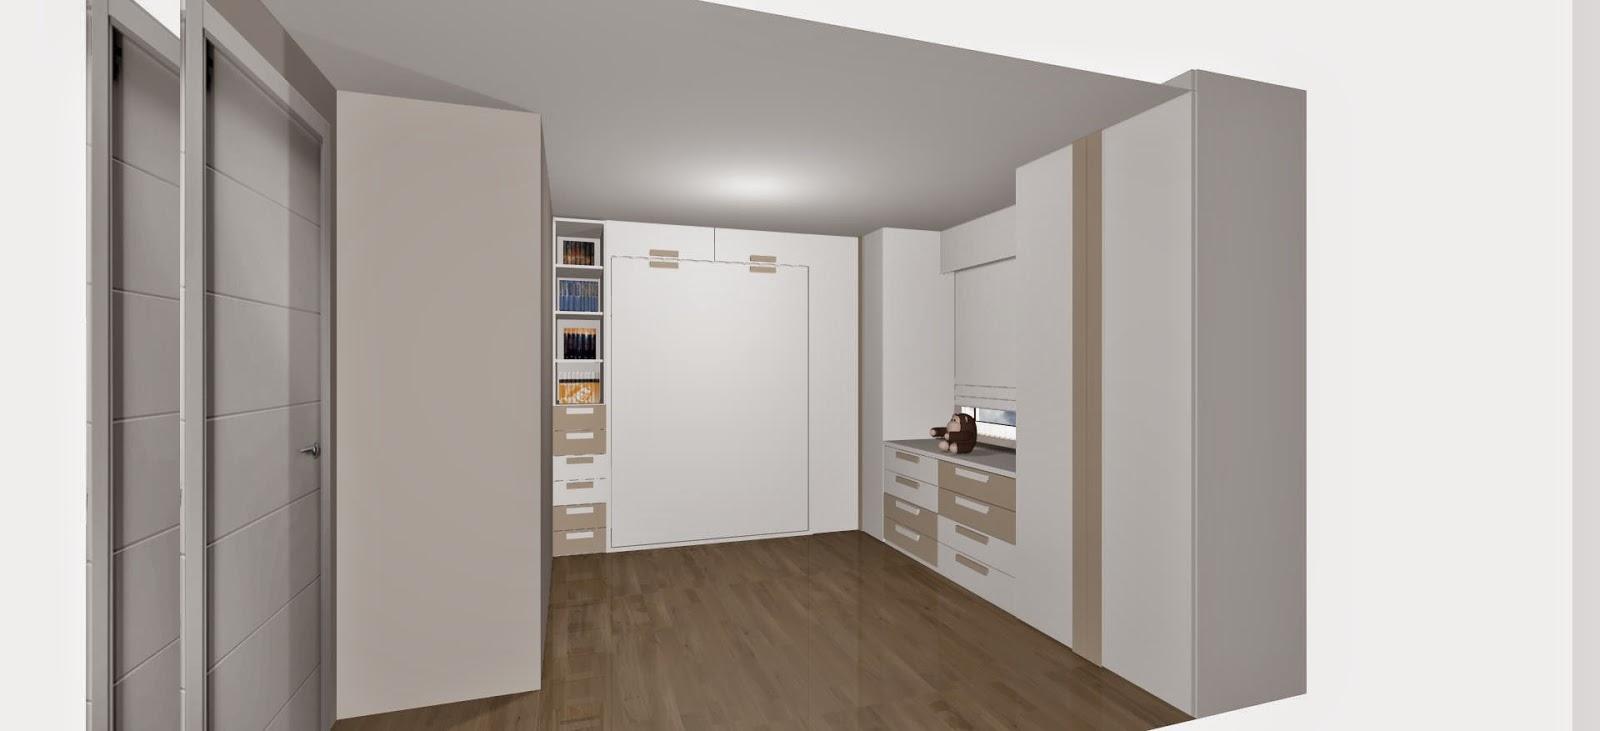 Dise o de cuartos o dormitorios juveniles - Dormitorio juvenil cama abatible ...